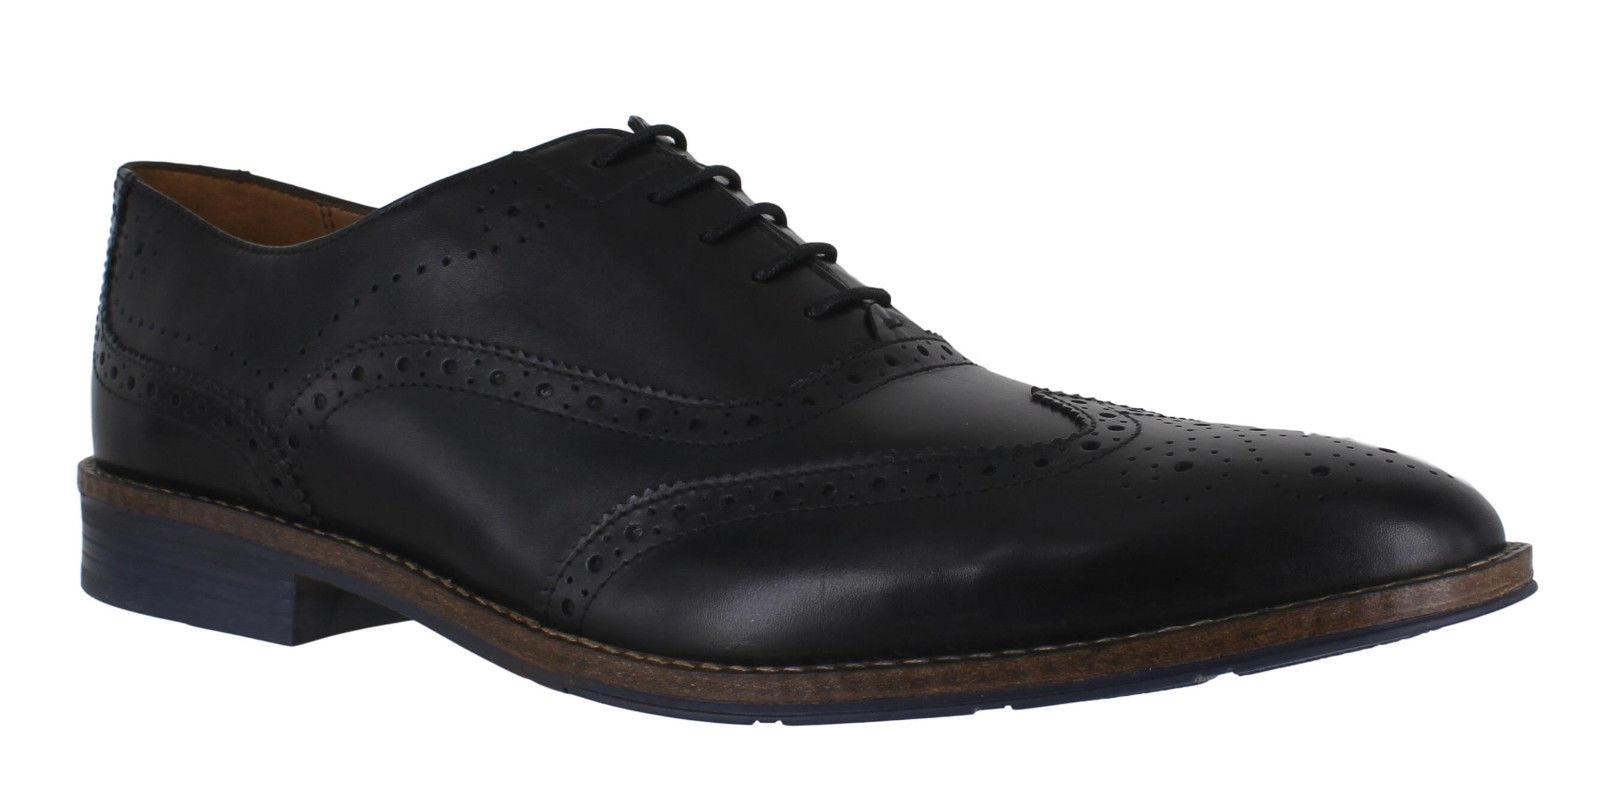 Hush Puppies Eddie Bronson, Zapatos de Cordones Brogue para Hombre, Negro (Black), 41 EU